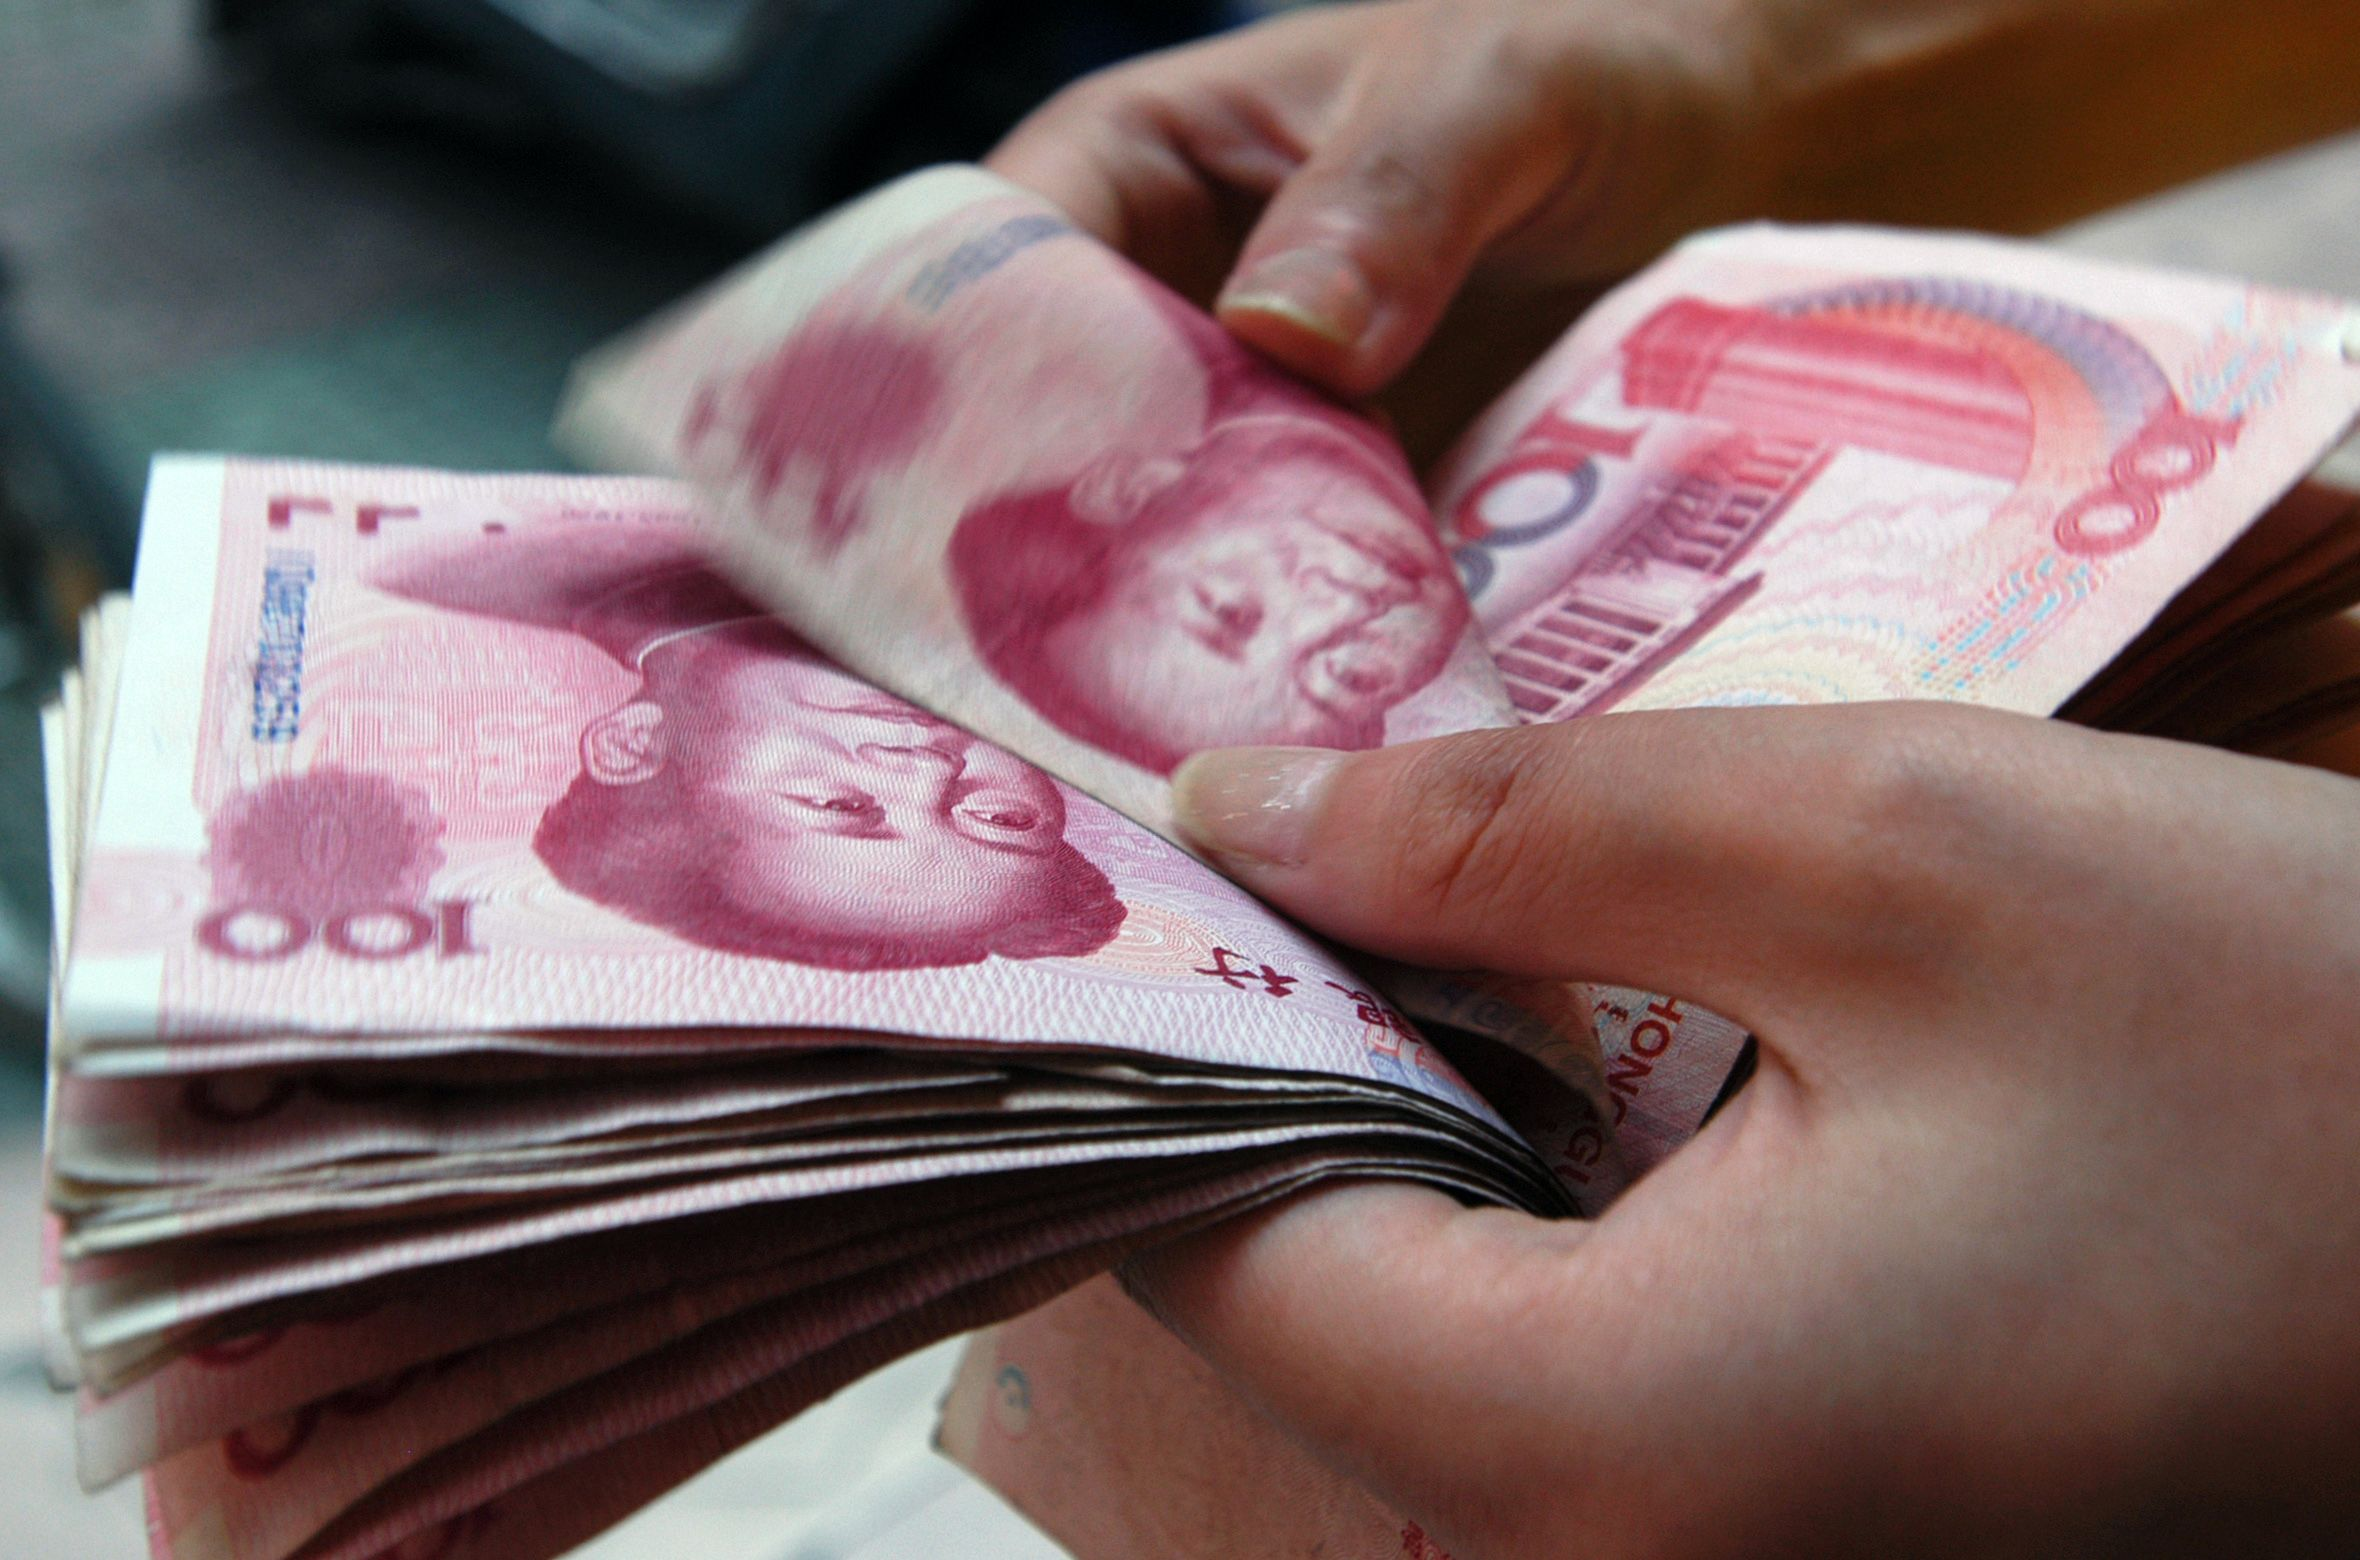 Le nombre de millionnaires a enregistré sa plus faible progression depuis cinq ans en Chine.